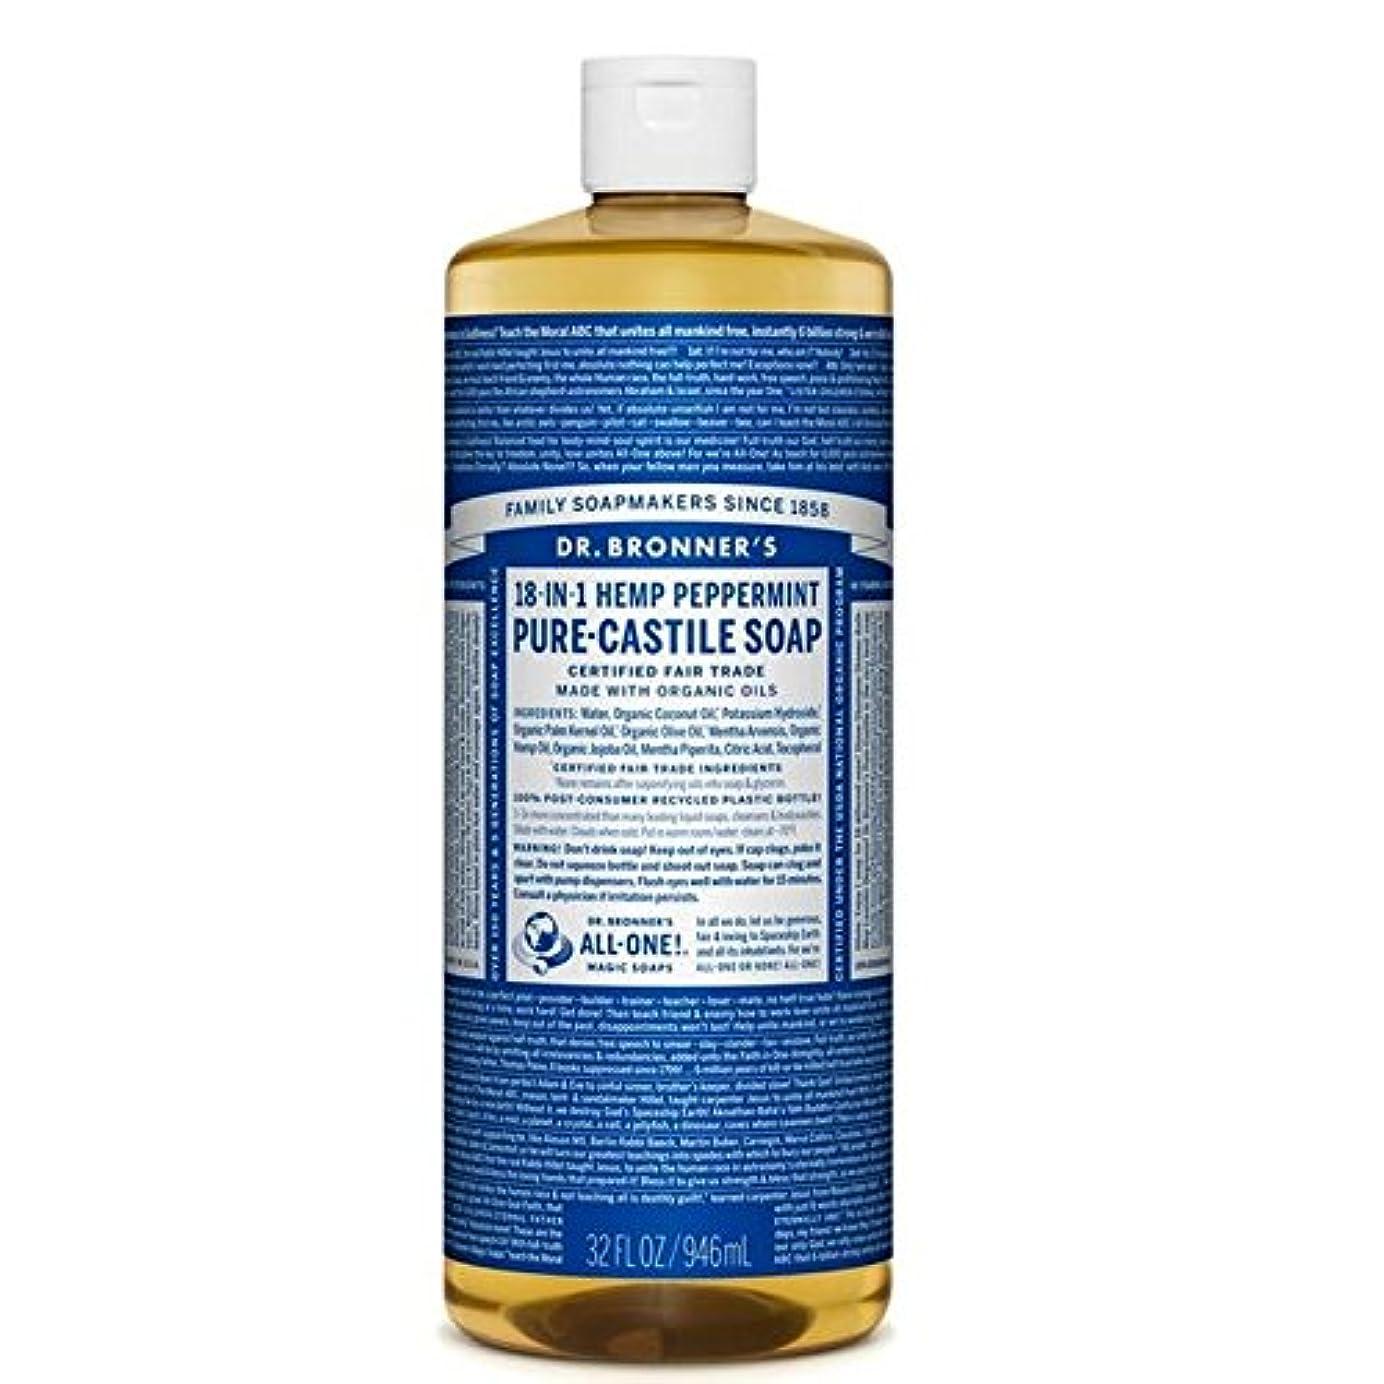 発動機二週間地上でのブロナー有機ペパーミントカスティーリャ液体石鹸946ミリリットル x2 - Dr Bronner Organic Peppermint Castile Liquid Soap 946ml (Pack of 2) [並行輸入品]